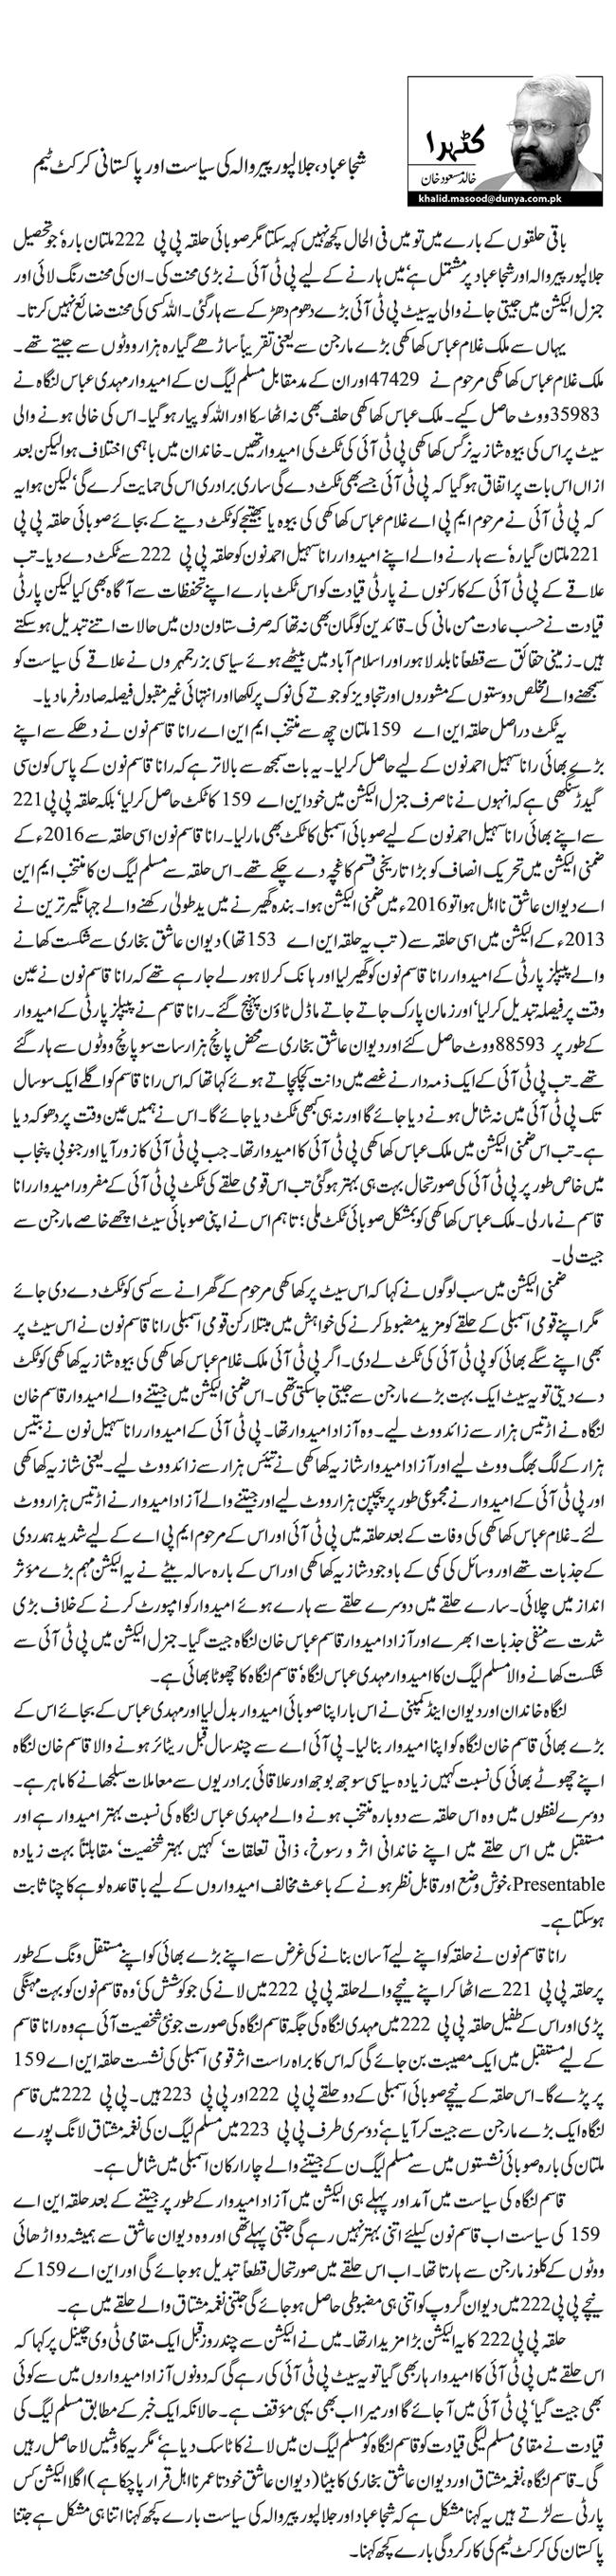 شجاعباد، جلالپور پیروالہ کی سیاست اور پاکستانی کرکٹ ٹیم